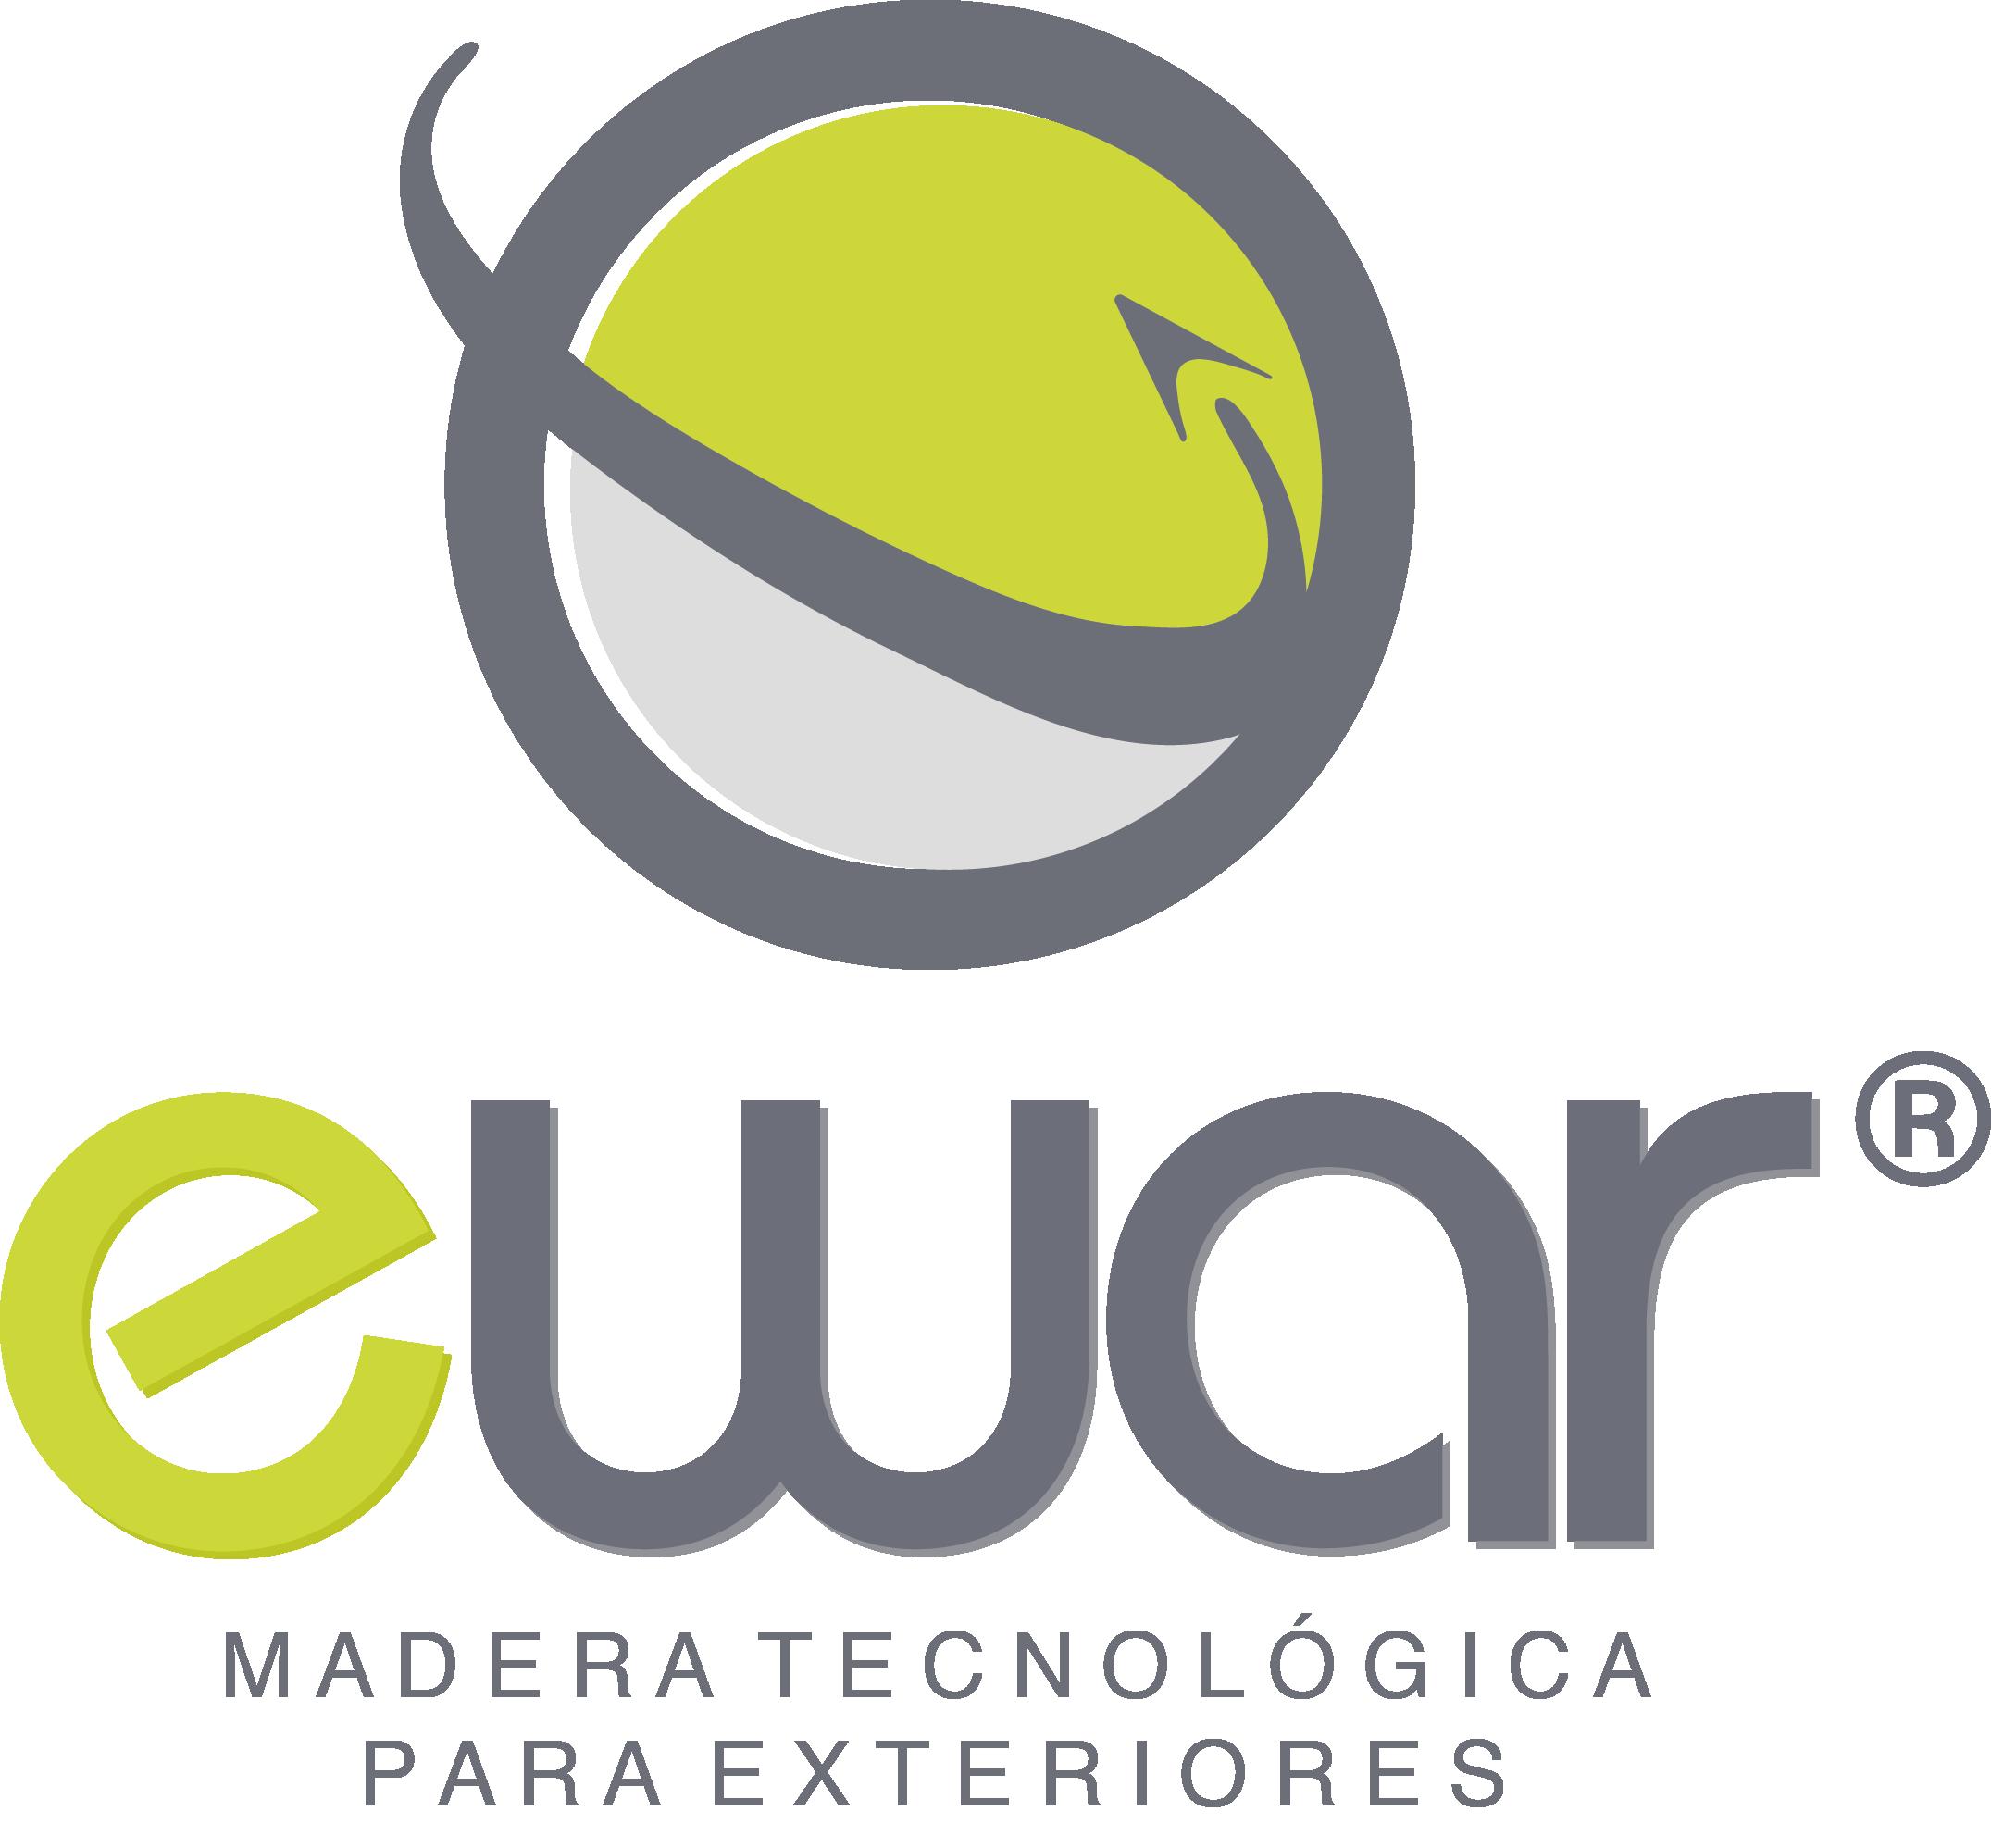 Logo for Ewar